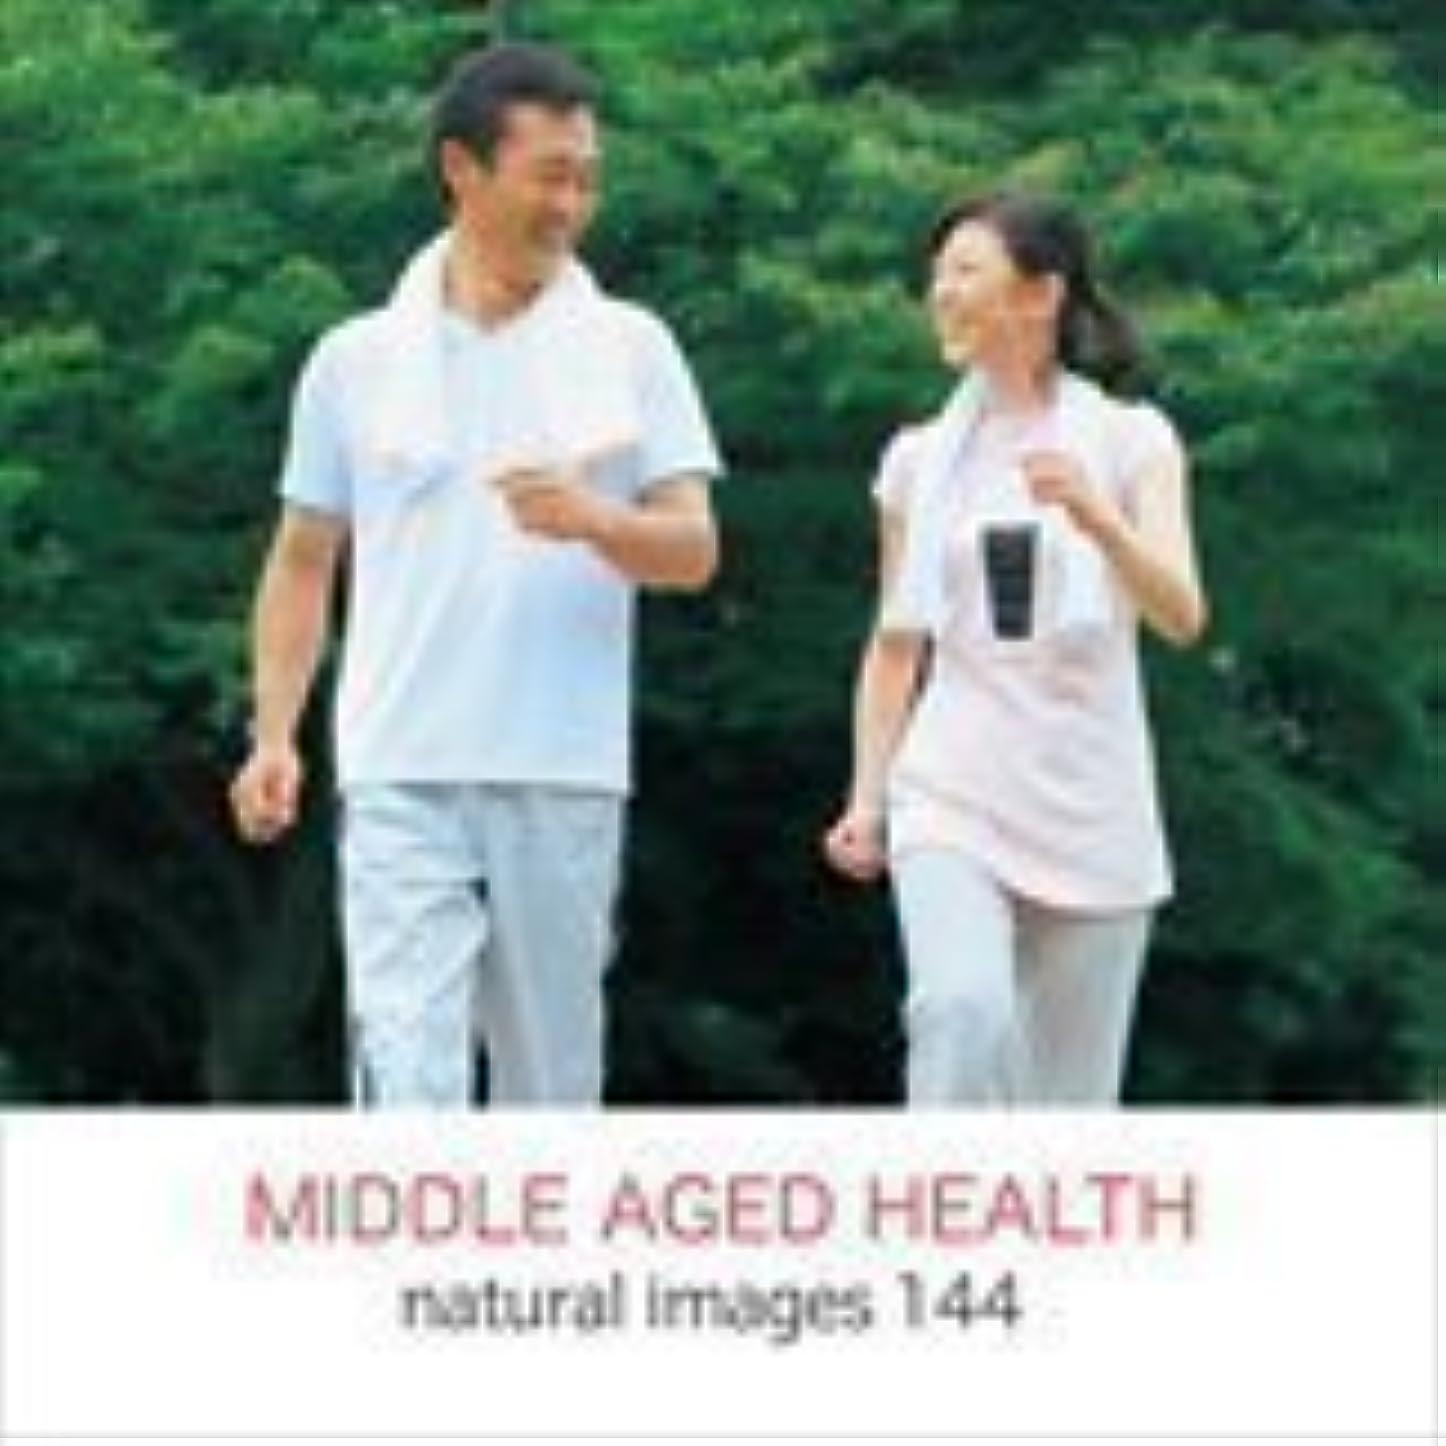 有力者無駄眉naturalimages Vol.144 MIDDLE AGED HEALTH